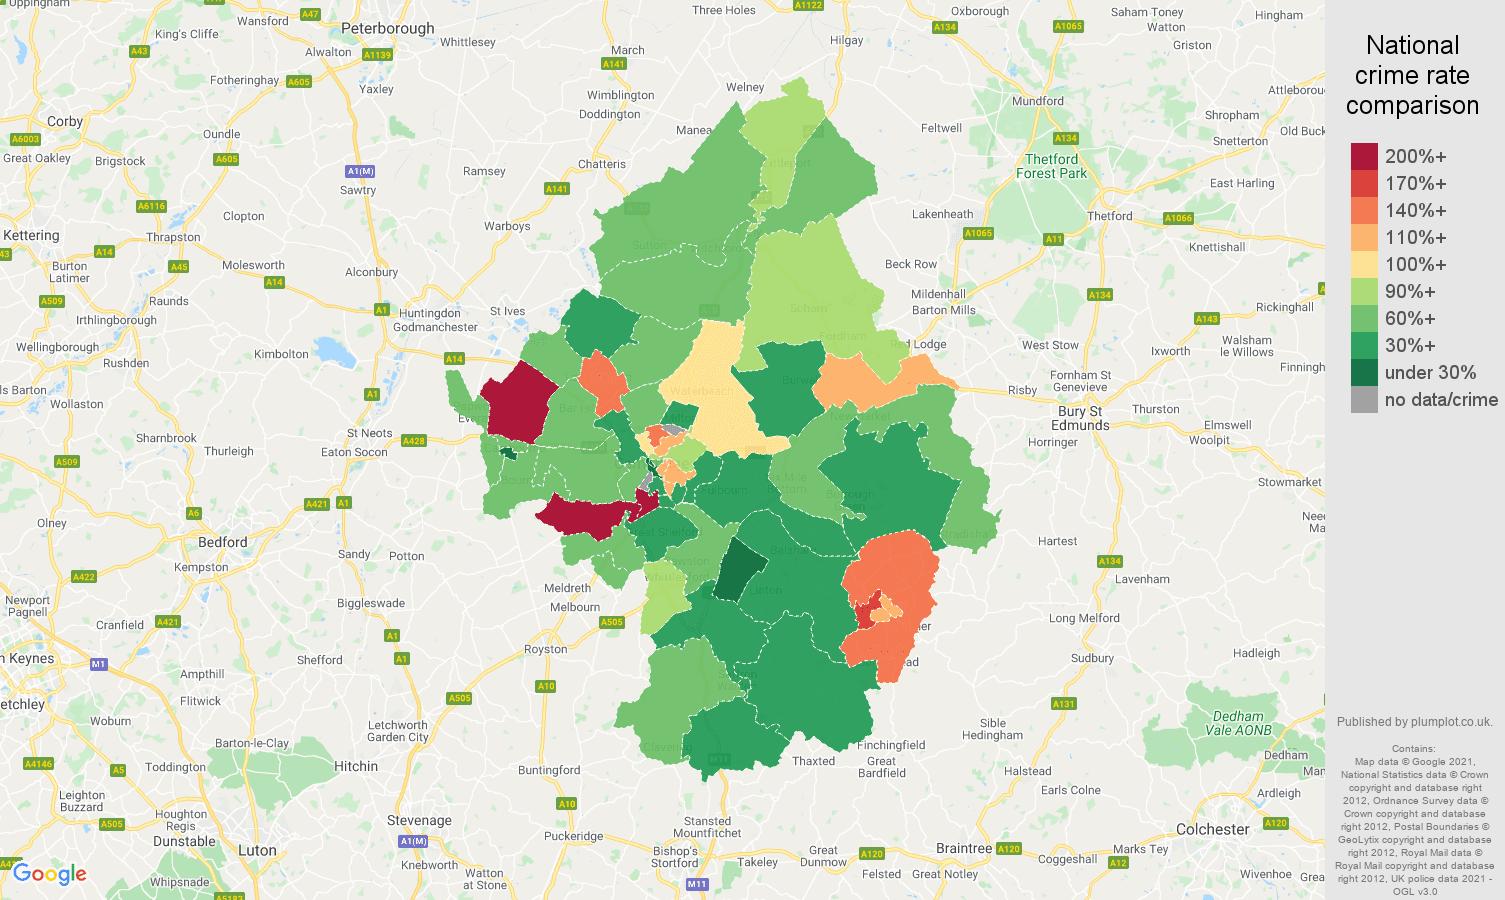 Cambridge vehicle crime rate comparison map